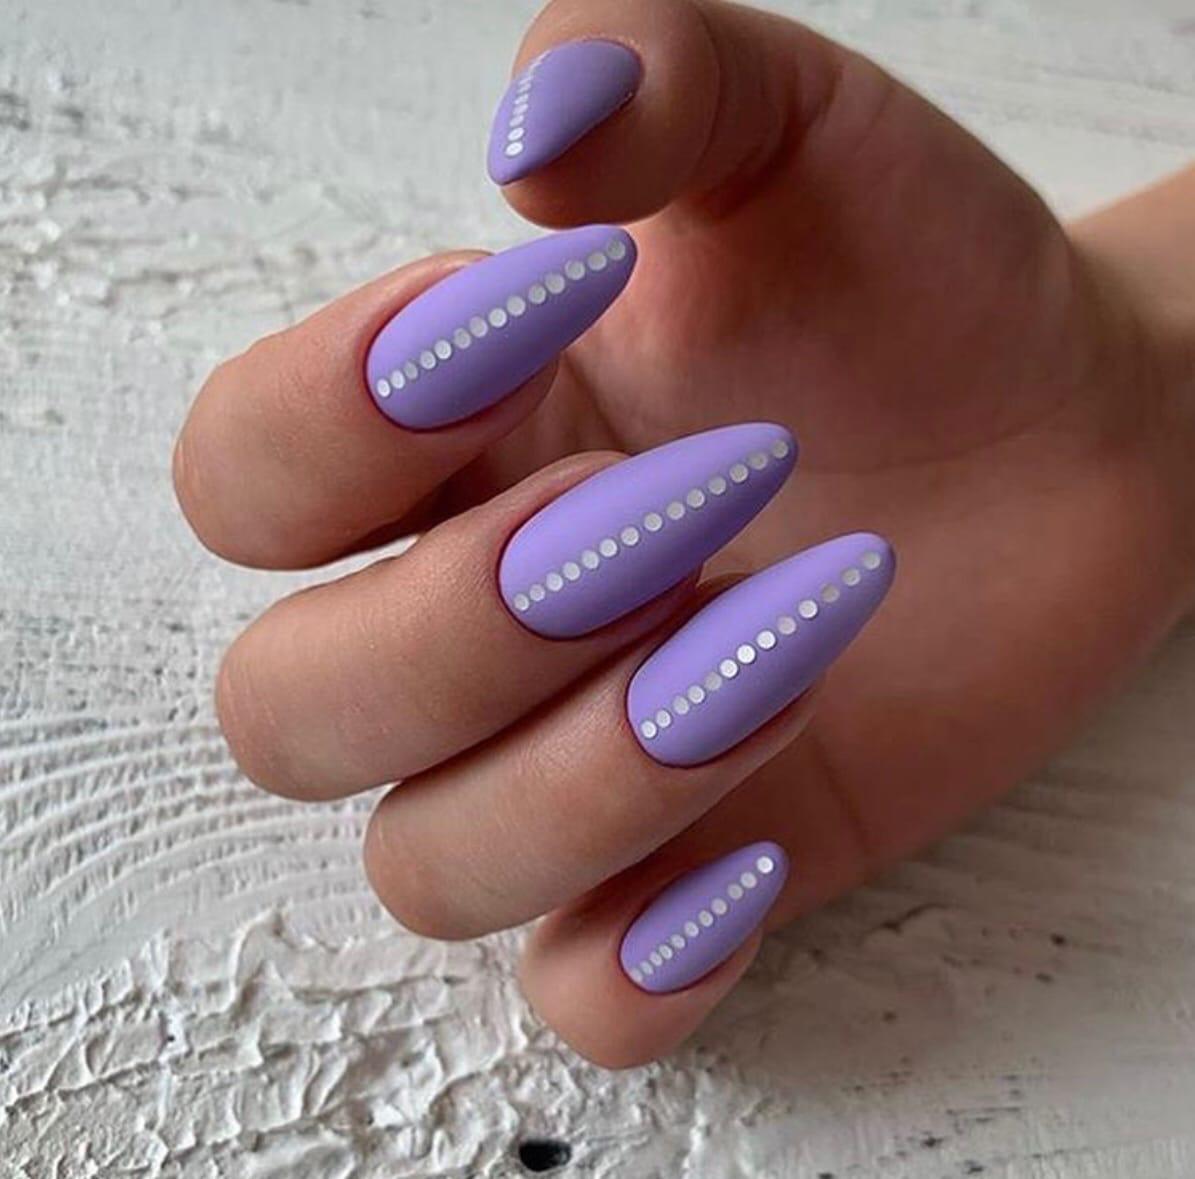 Матовый маникюр с камифубуки в сиреневом цвете на длинные ногти.